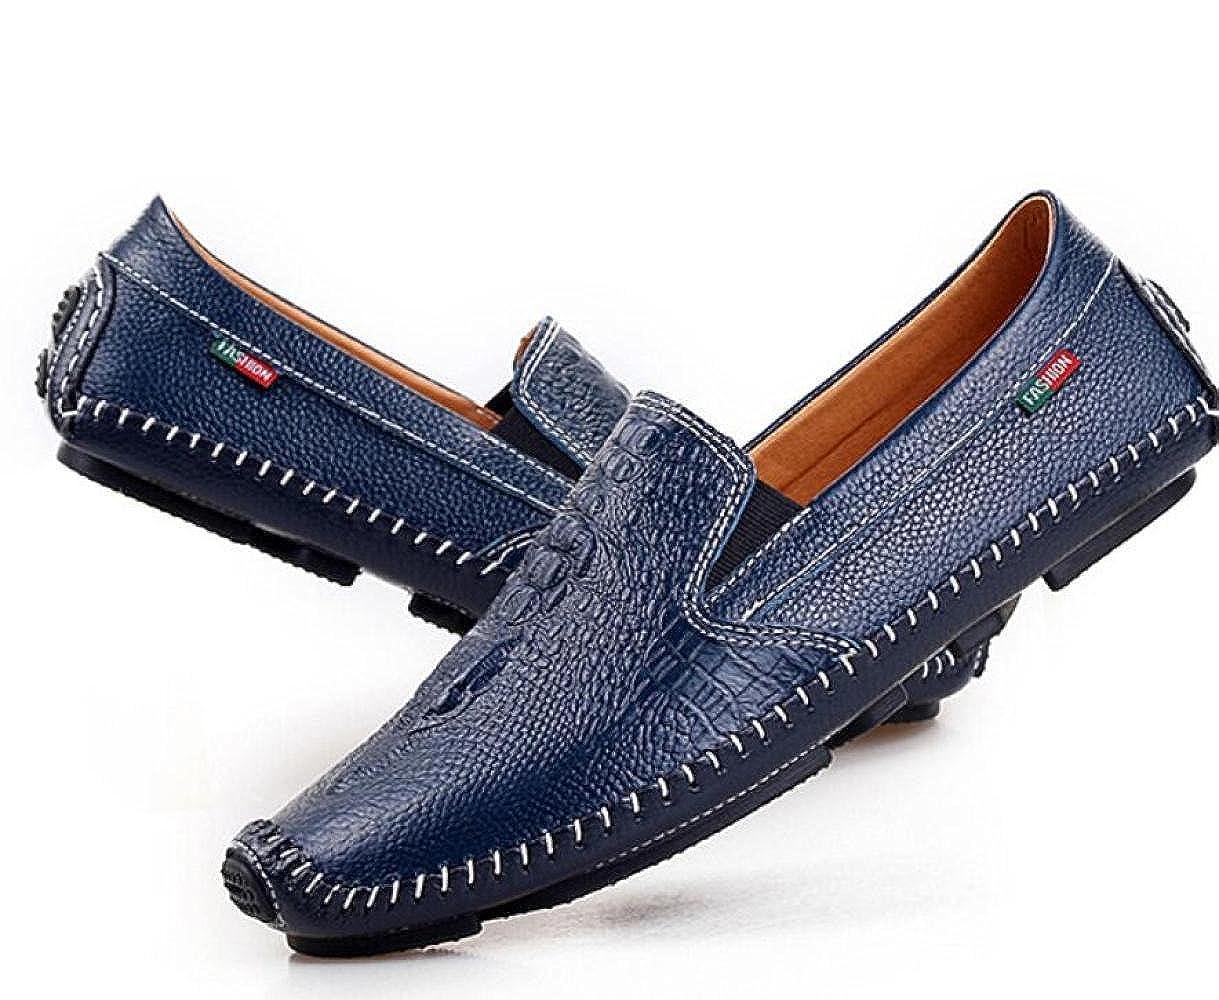 Männer Erbsen Fahr Schuhe Mode Leicht Fahr Erbsen Schuhe Freizeitschuhe Blau e261f4